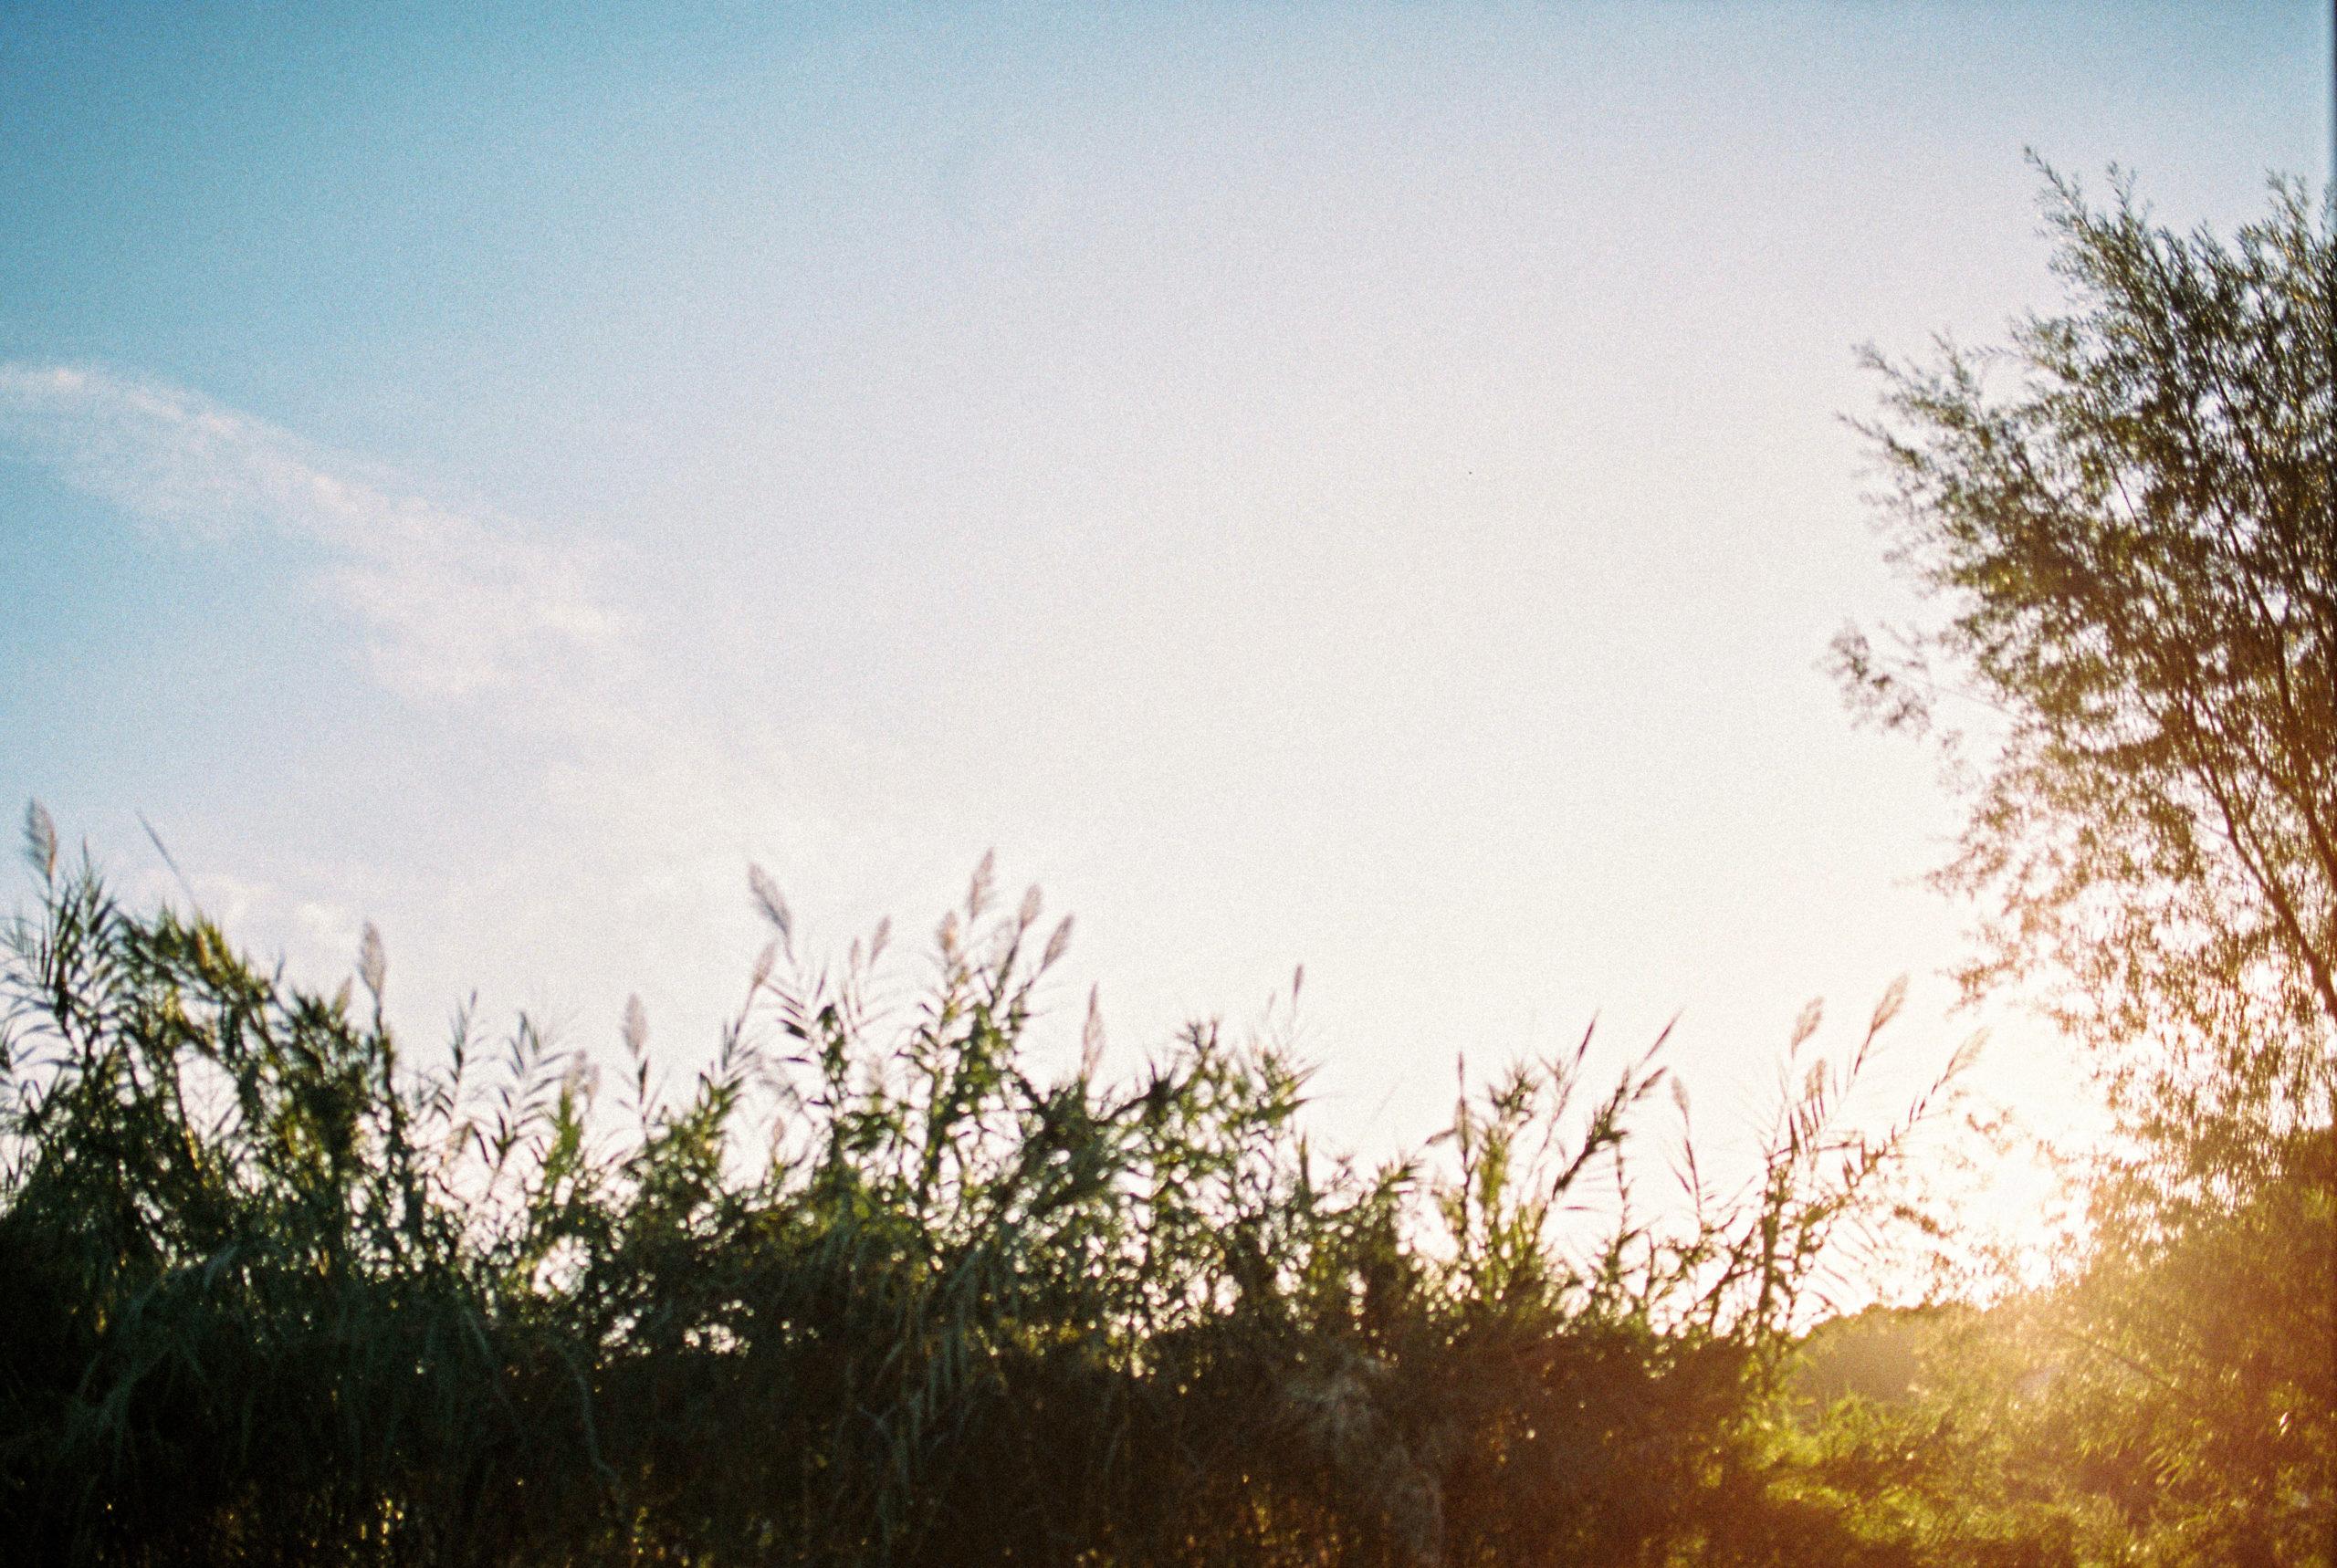 auribeau sur siagne - caroline liabot photographe - tourisme cote d'azur - photographie argentique - portra 400 - pays de grasse - photographe famille grasse